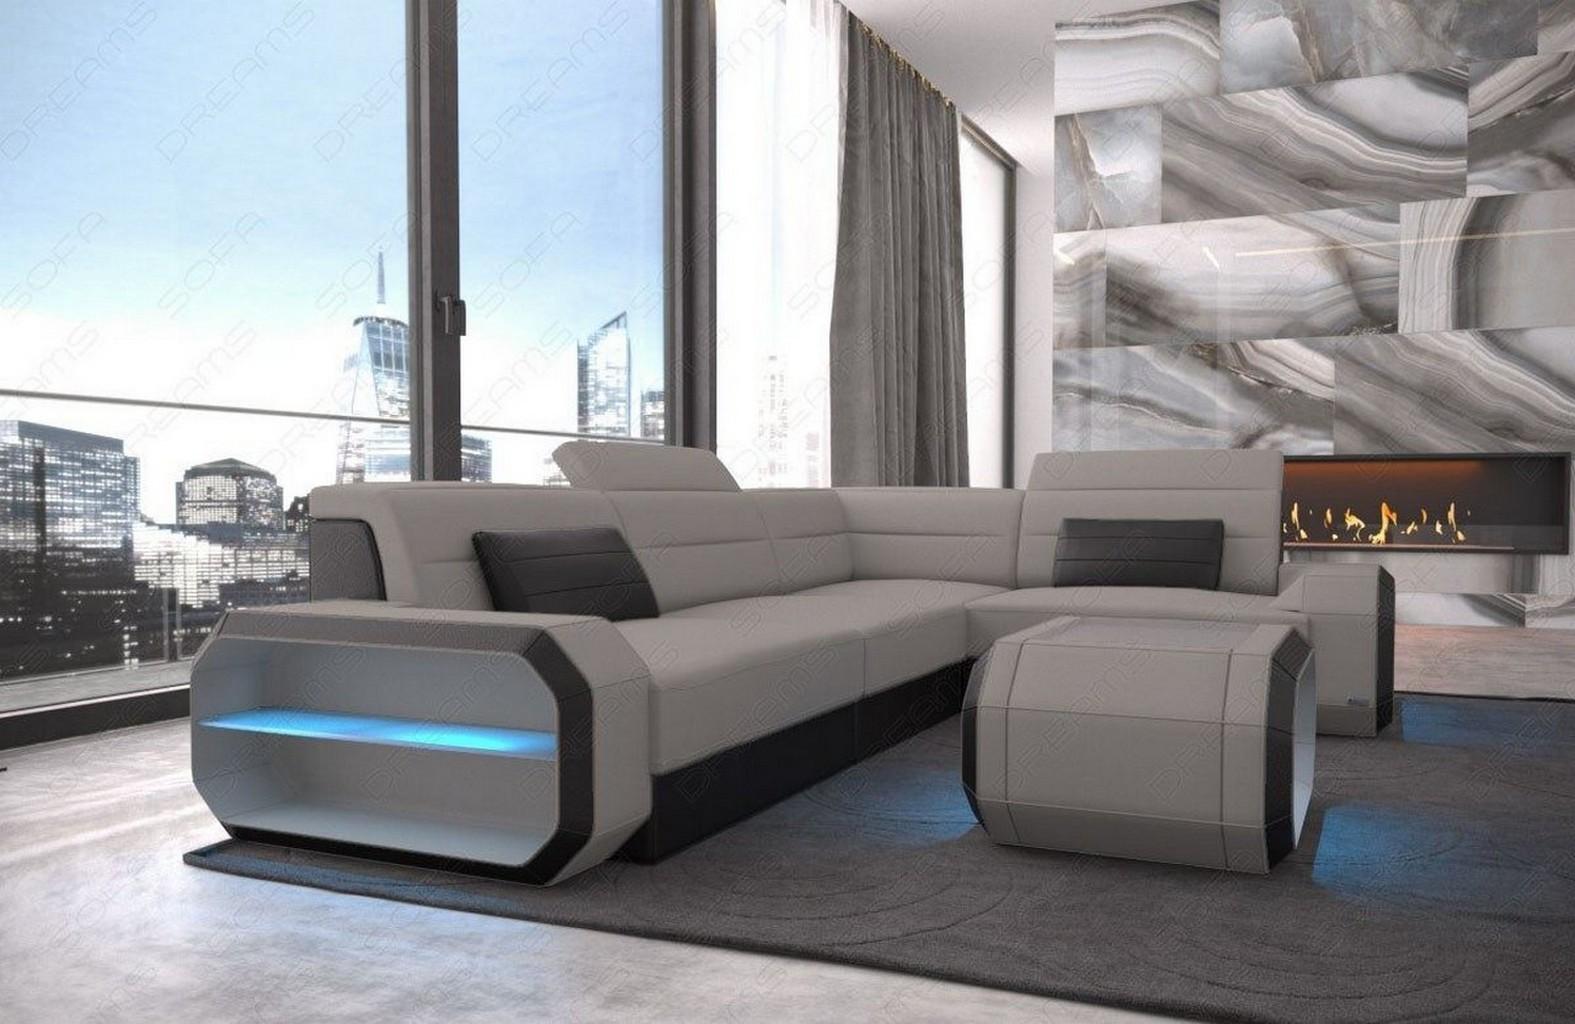 designer stoff couch verona l form modernes sofa recamiere led beleuchtung grau ebay. Black Bedroom Furniture Sets. Home Design Ideas